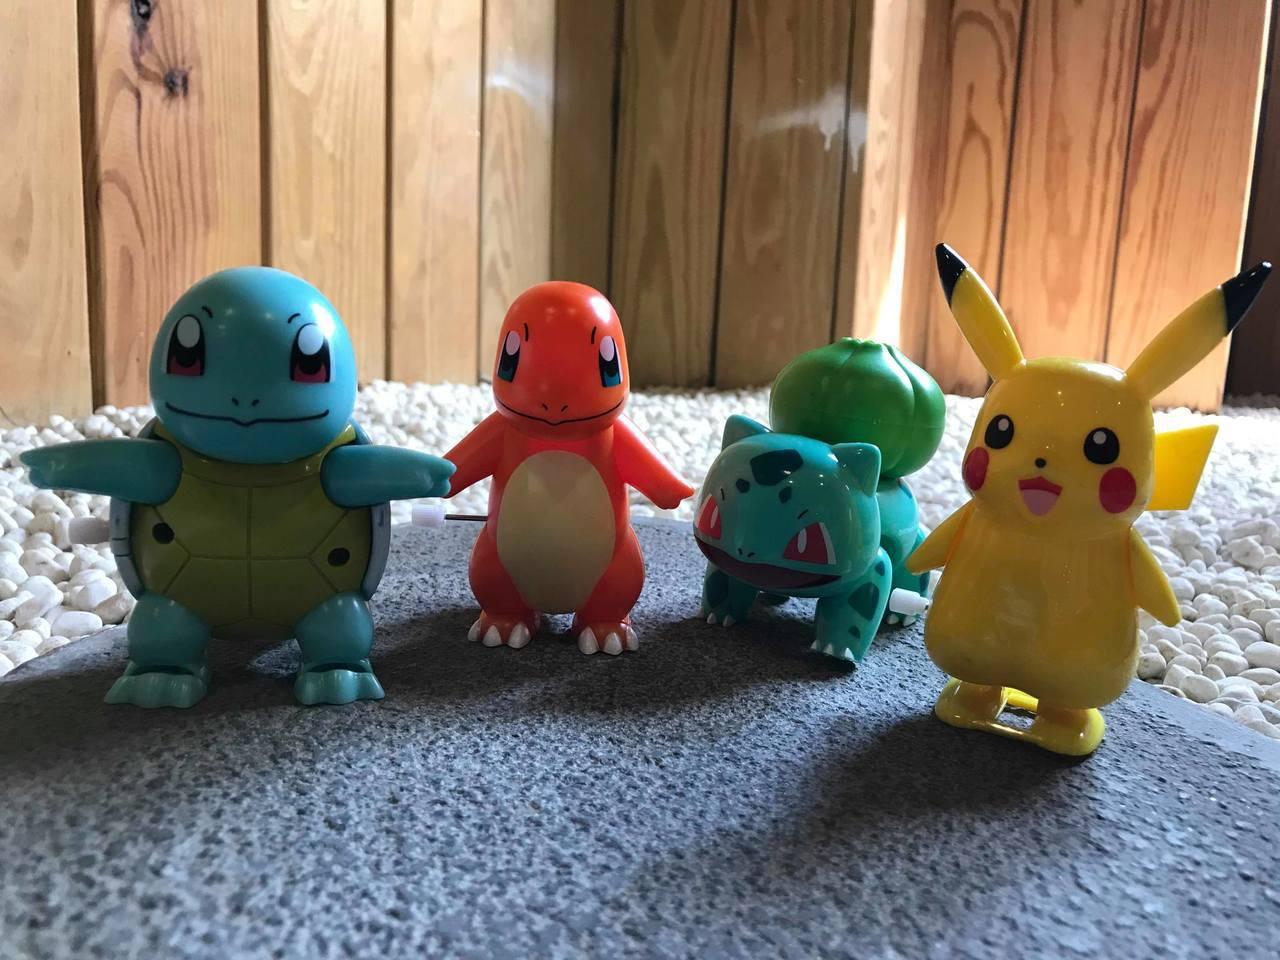 全家便利商店12月4日開賣的「精靈寶可夢」玩具糖果共有皮卡丘、傑尼龜、小火龍、妙...